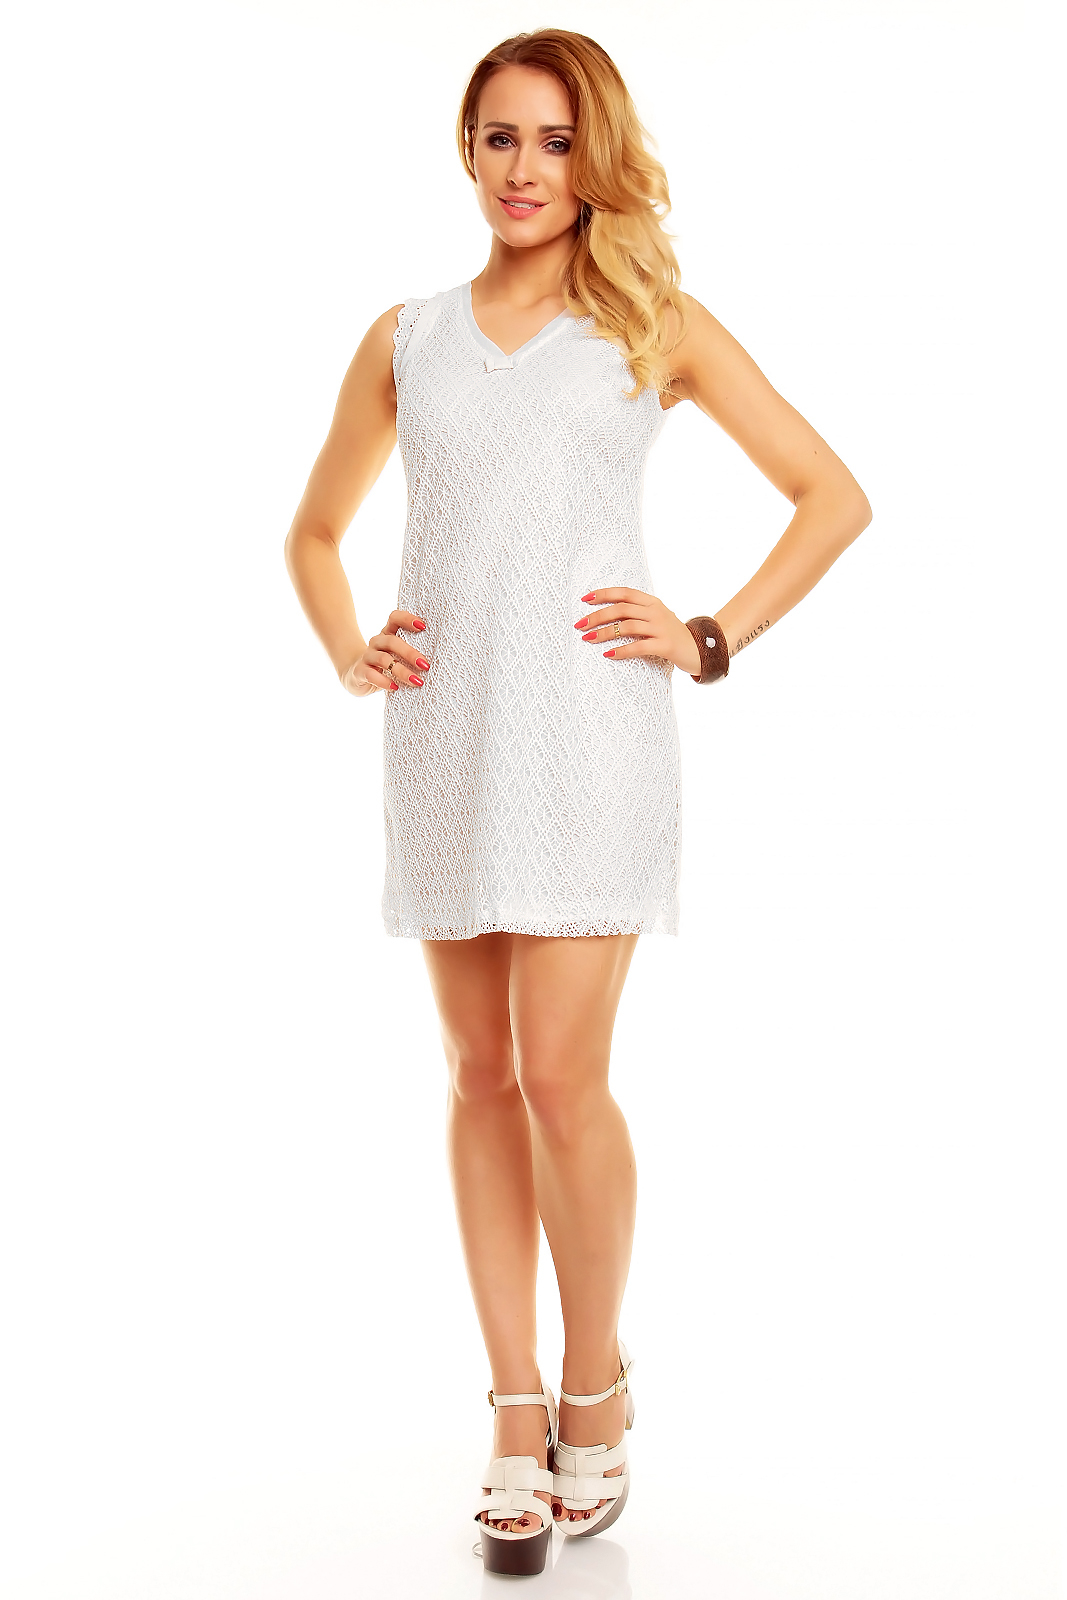 Biena Neodolateľné háčkované mini šaty   Biena dámske oblečenie 3303066860d